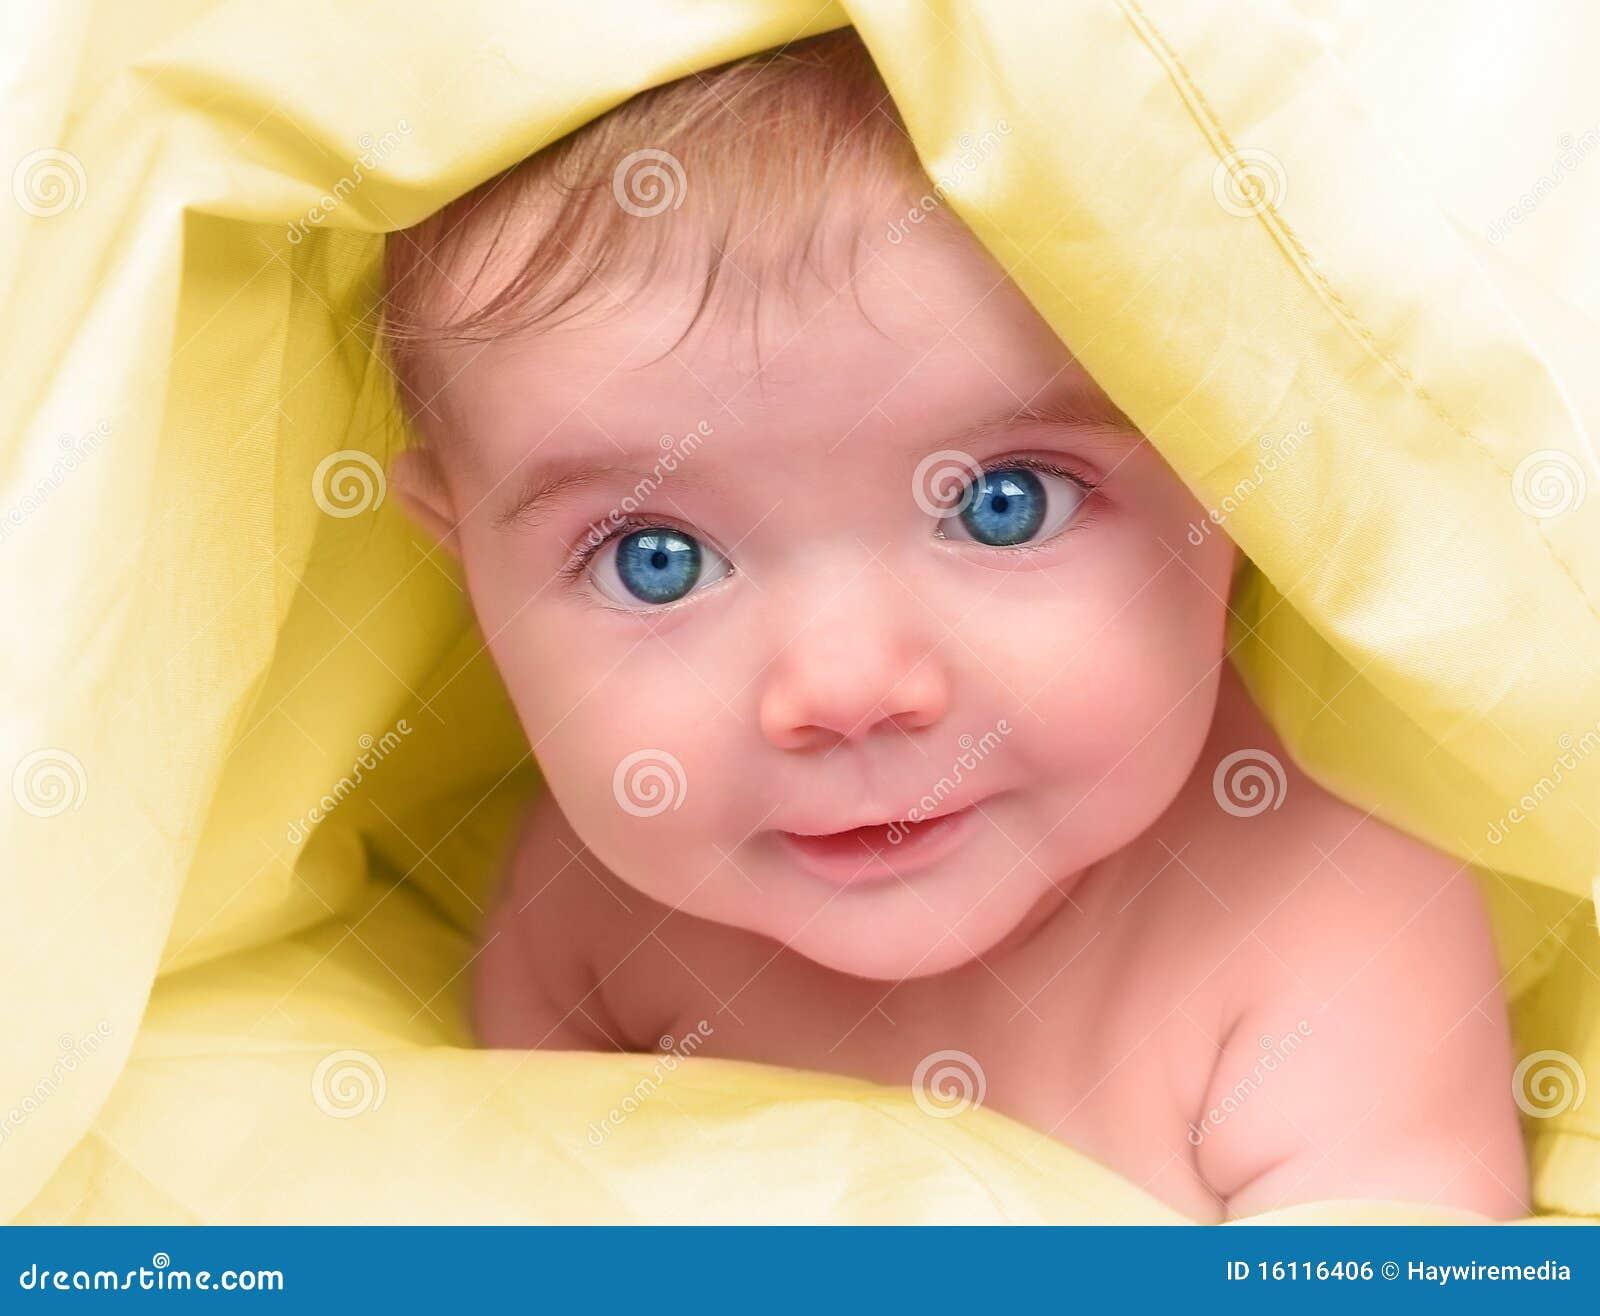 Conosciuto Bambini Di Colore Foto #897 | msyte.com Idee e foto di ispirazione  ZT37